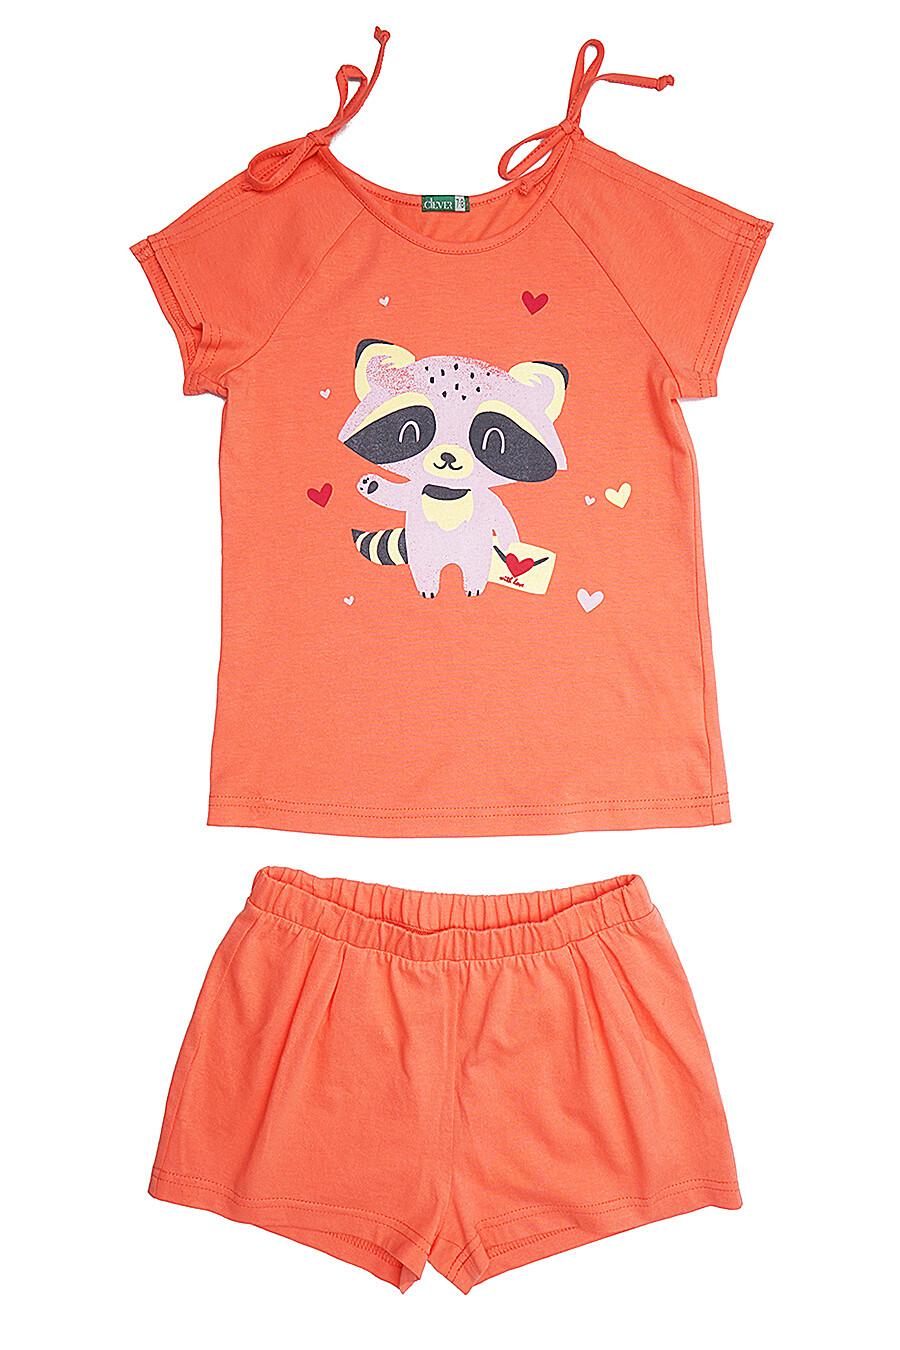 Комплект для девочек CLEVER 158827 купить оптом от производителя. Совместная покупка детской одежды в OptMoyo